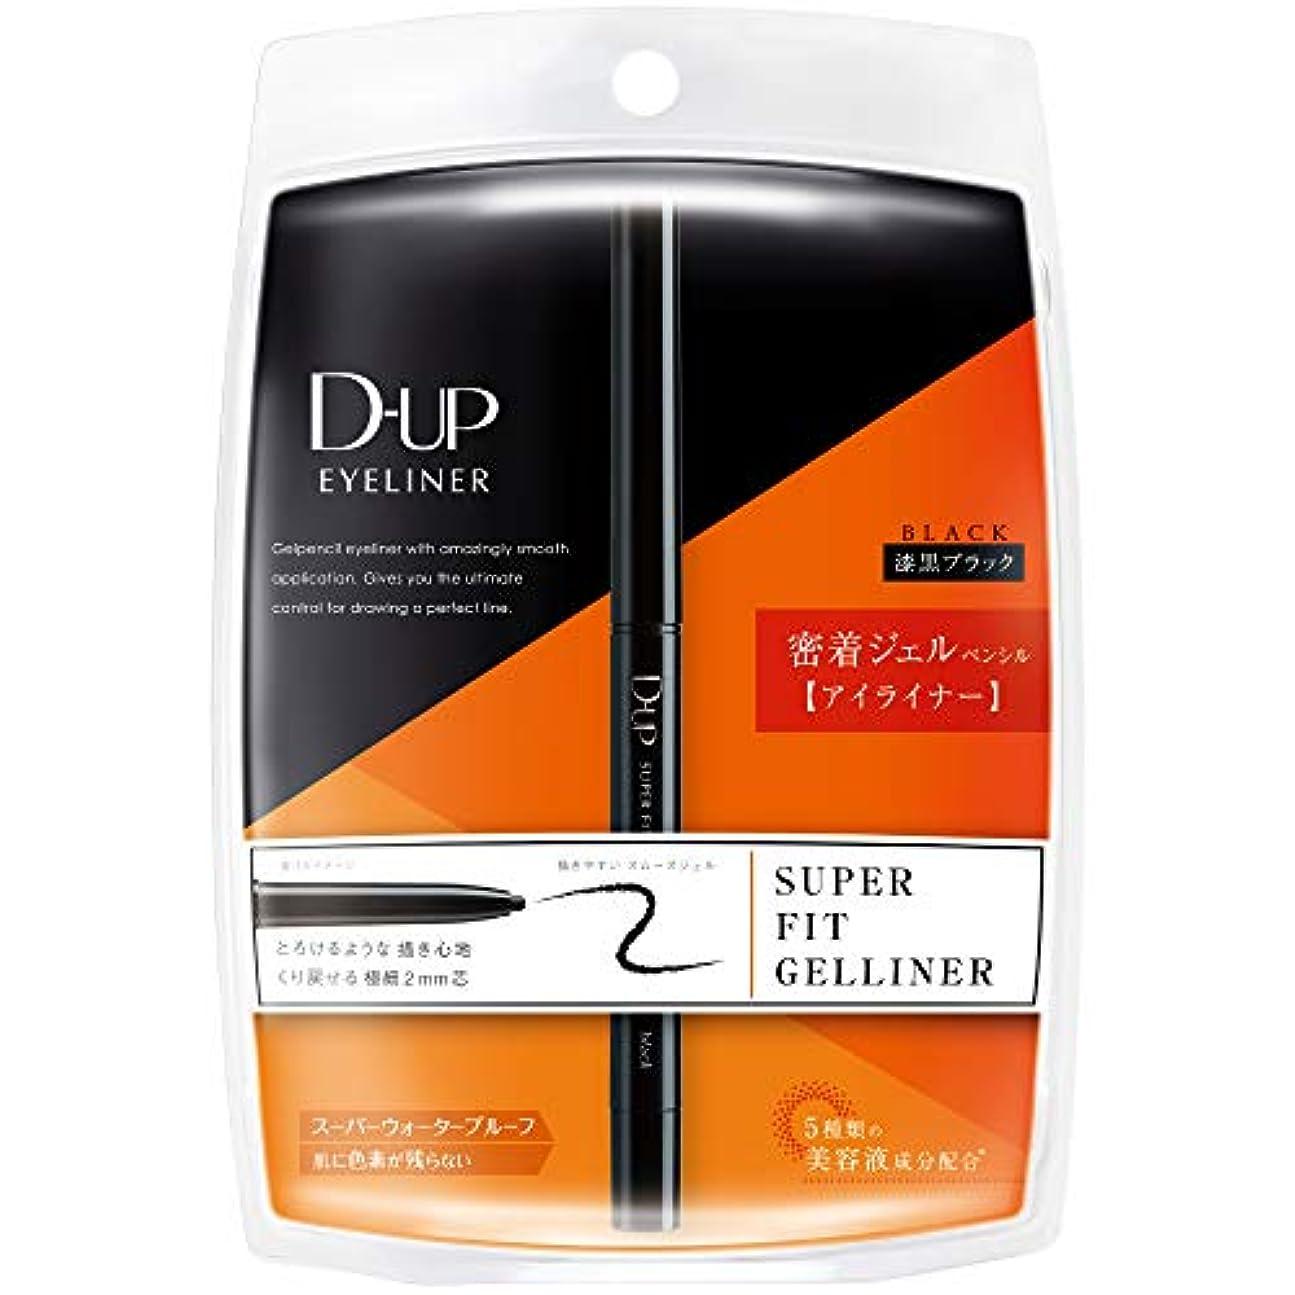 連続した住人晩餐D-UP(ディーアップ) スーパーフィットジェルライナー ブラック アイライナー 1本